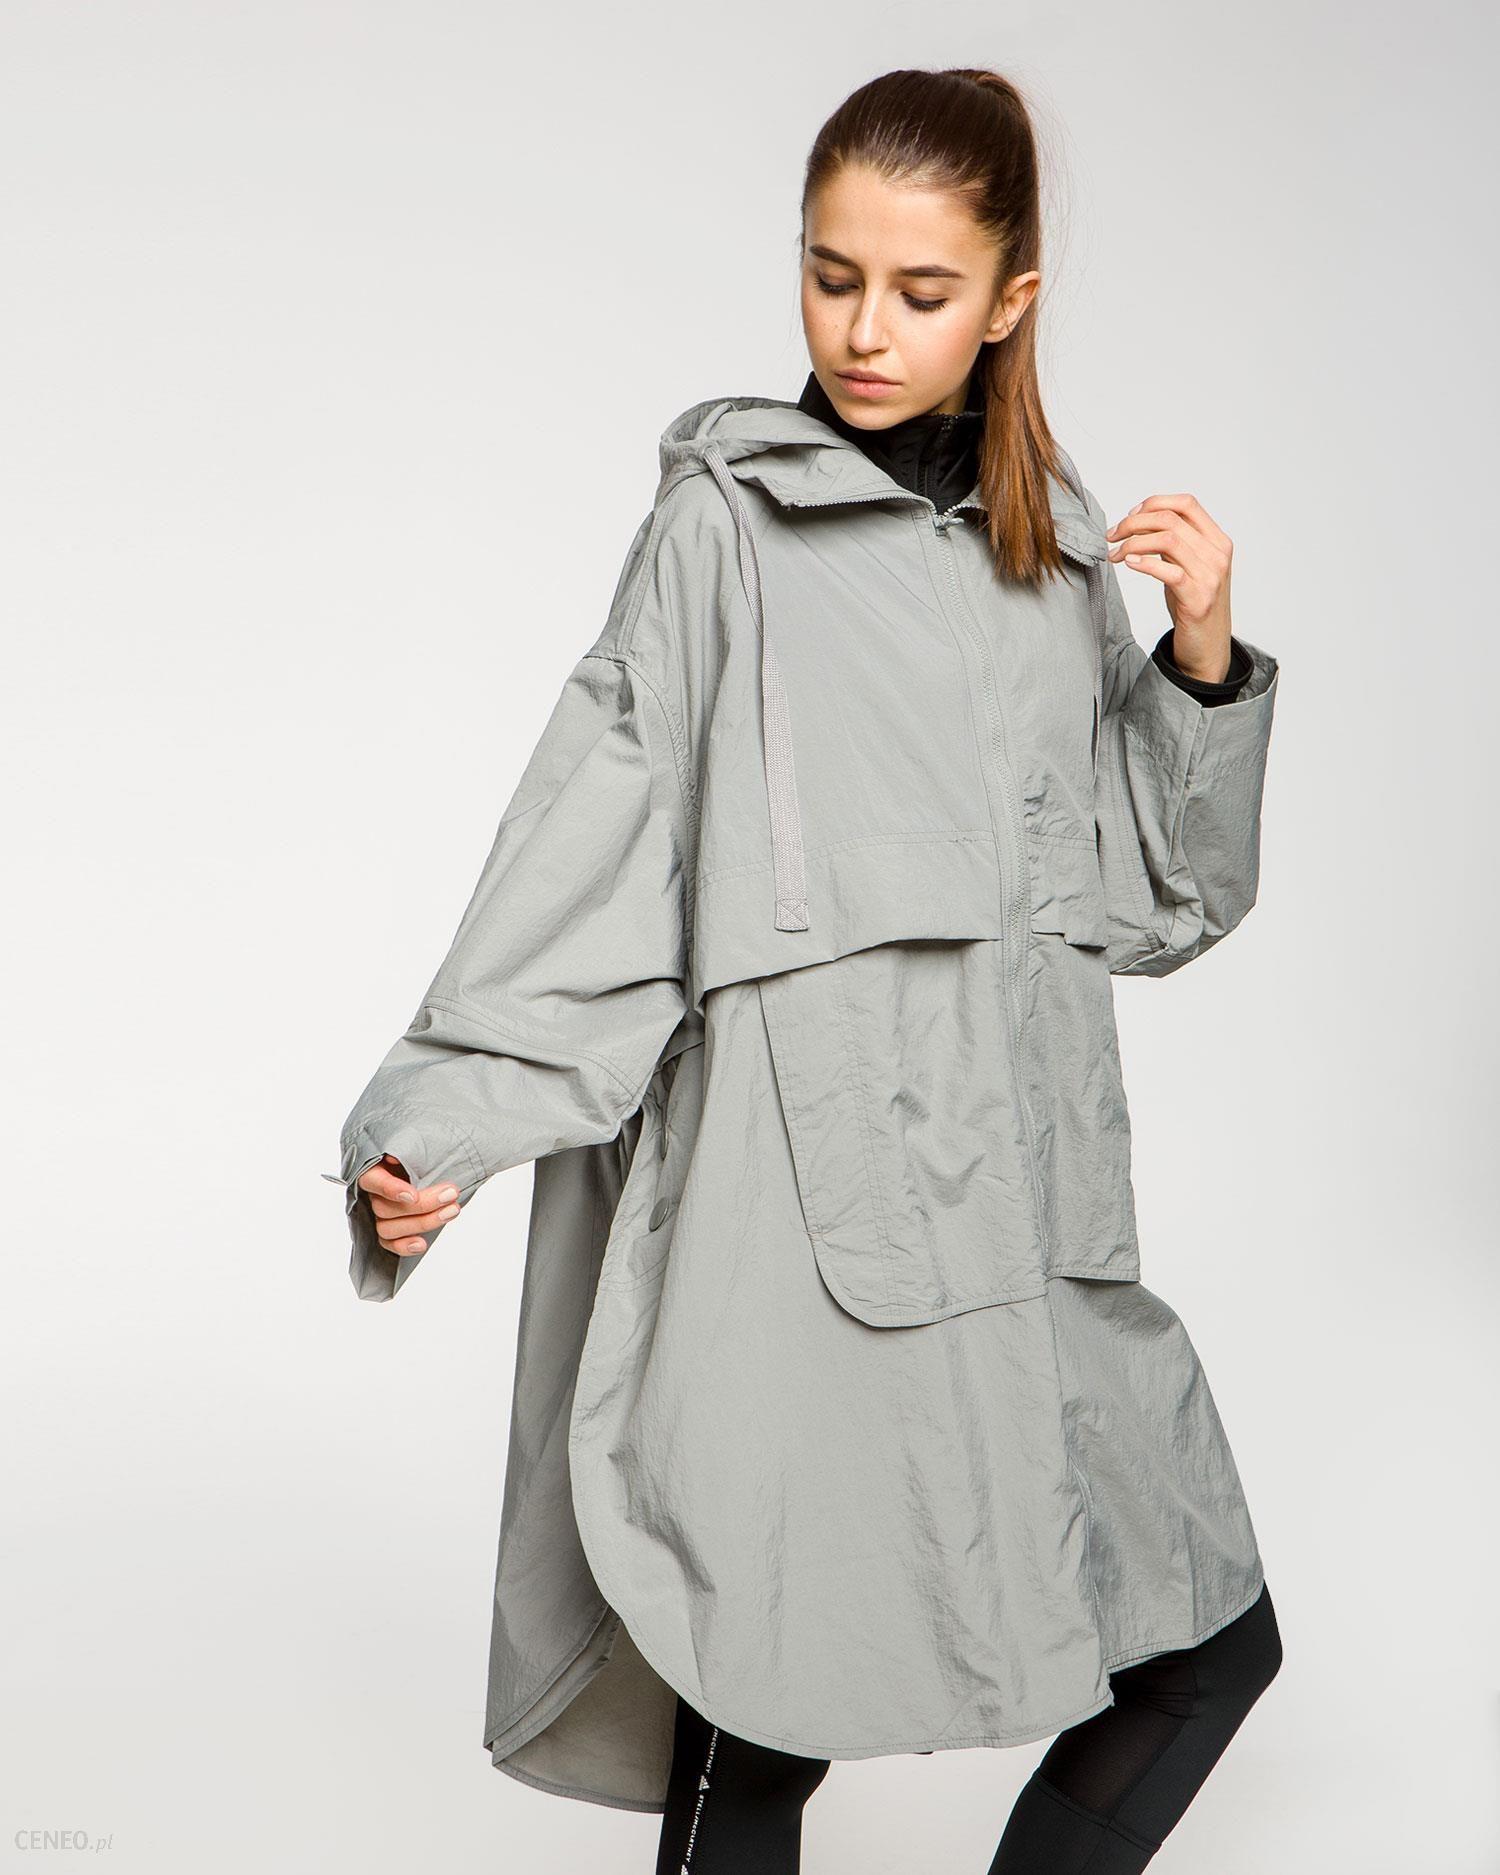 Adidas By Stella Mccartney Płaszcze Damskie I Kurtki Szare